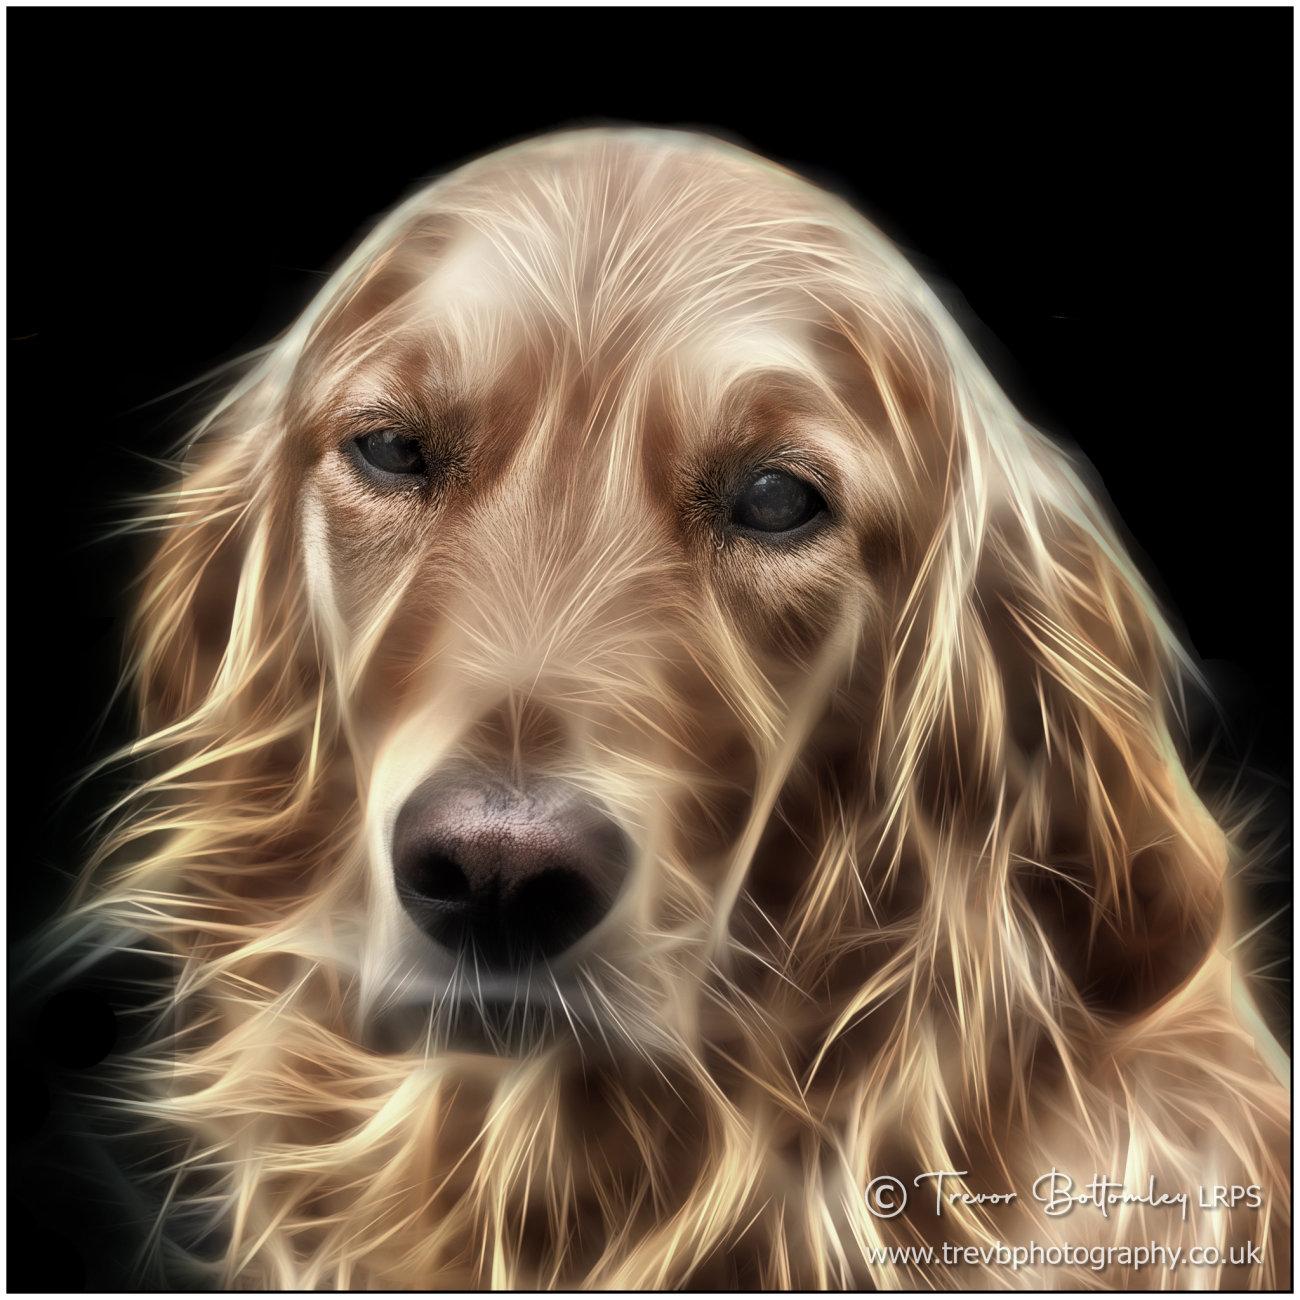 A Shaggy Dog Story!